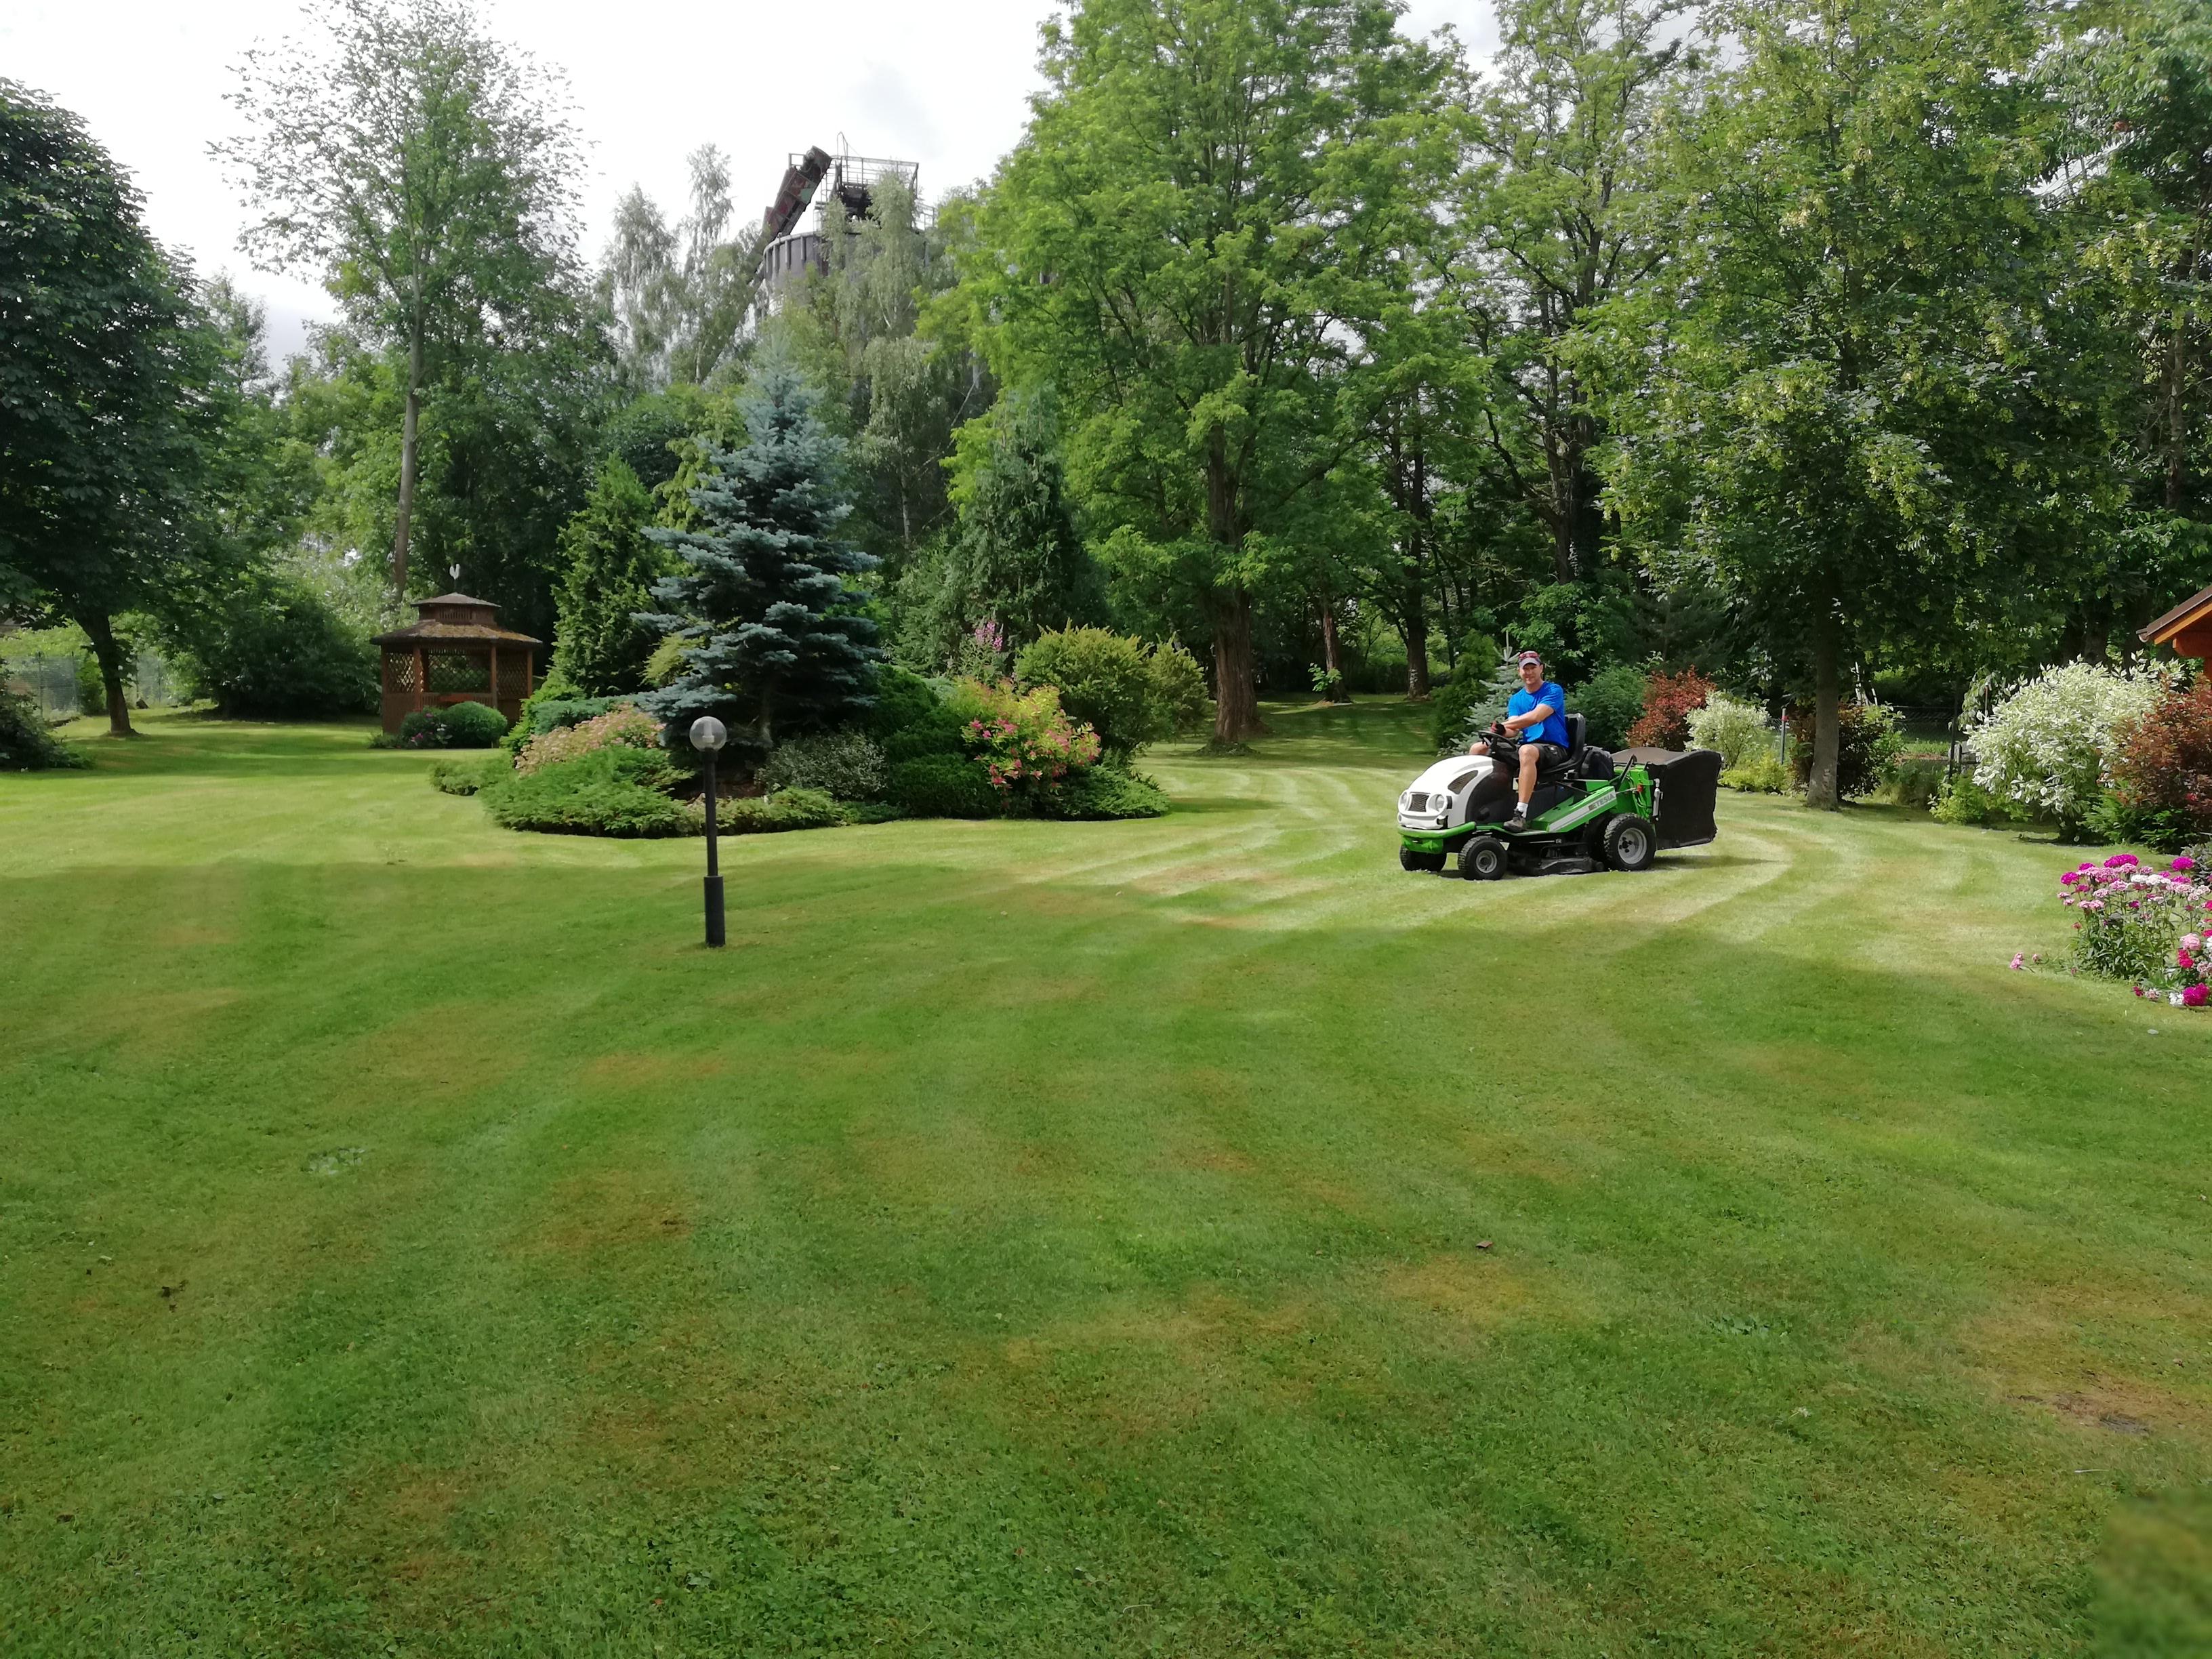 40449023-lawn-mower-stock-photo-lawn